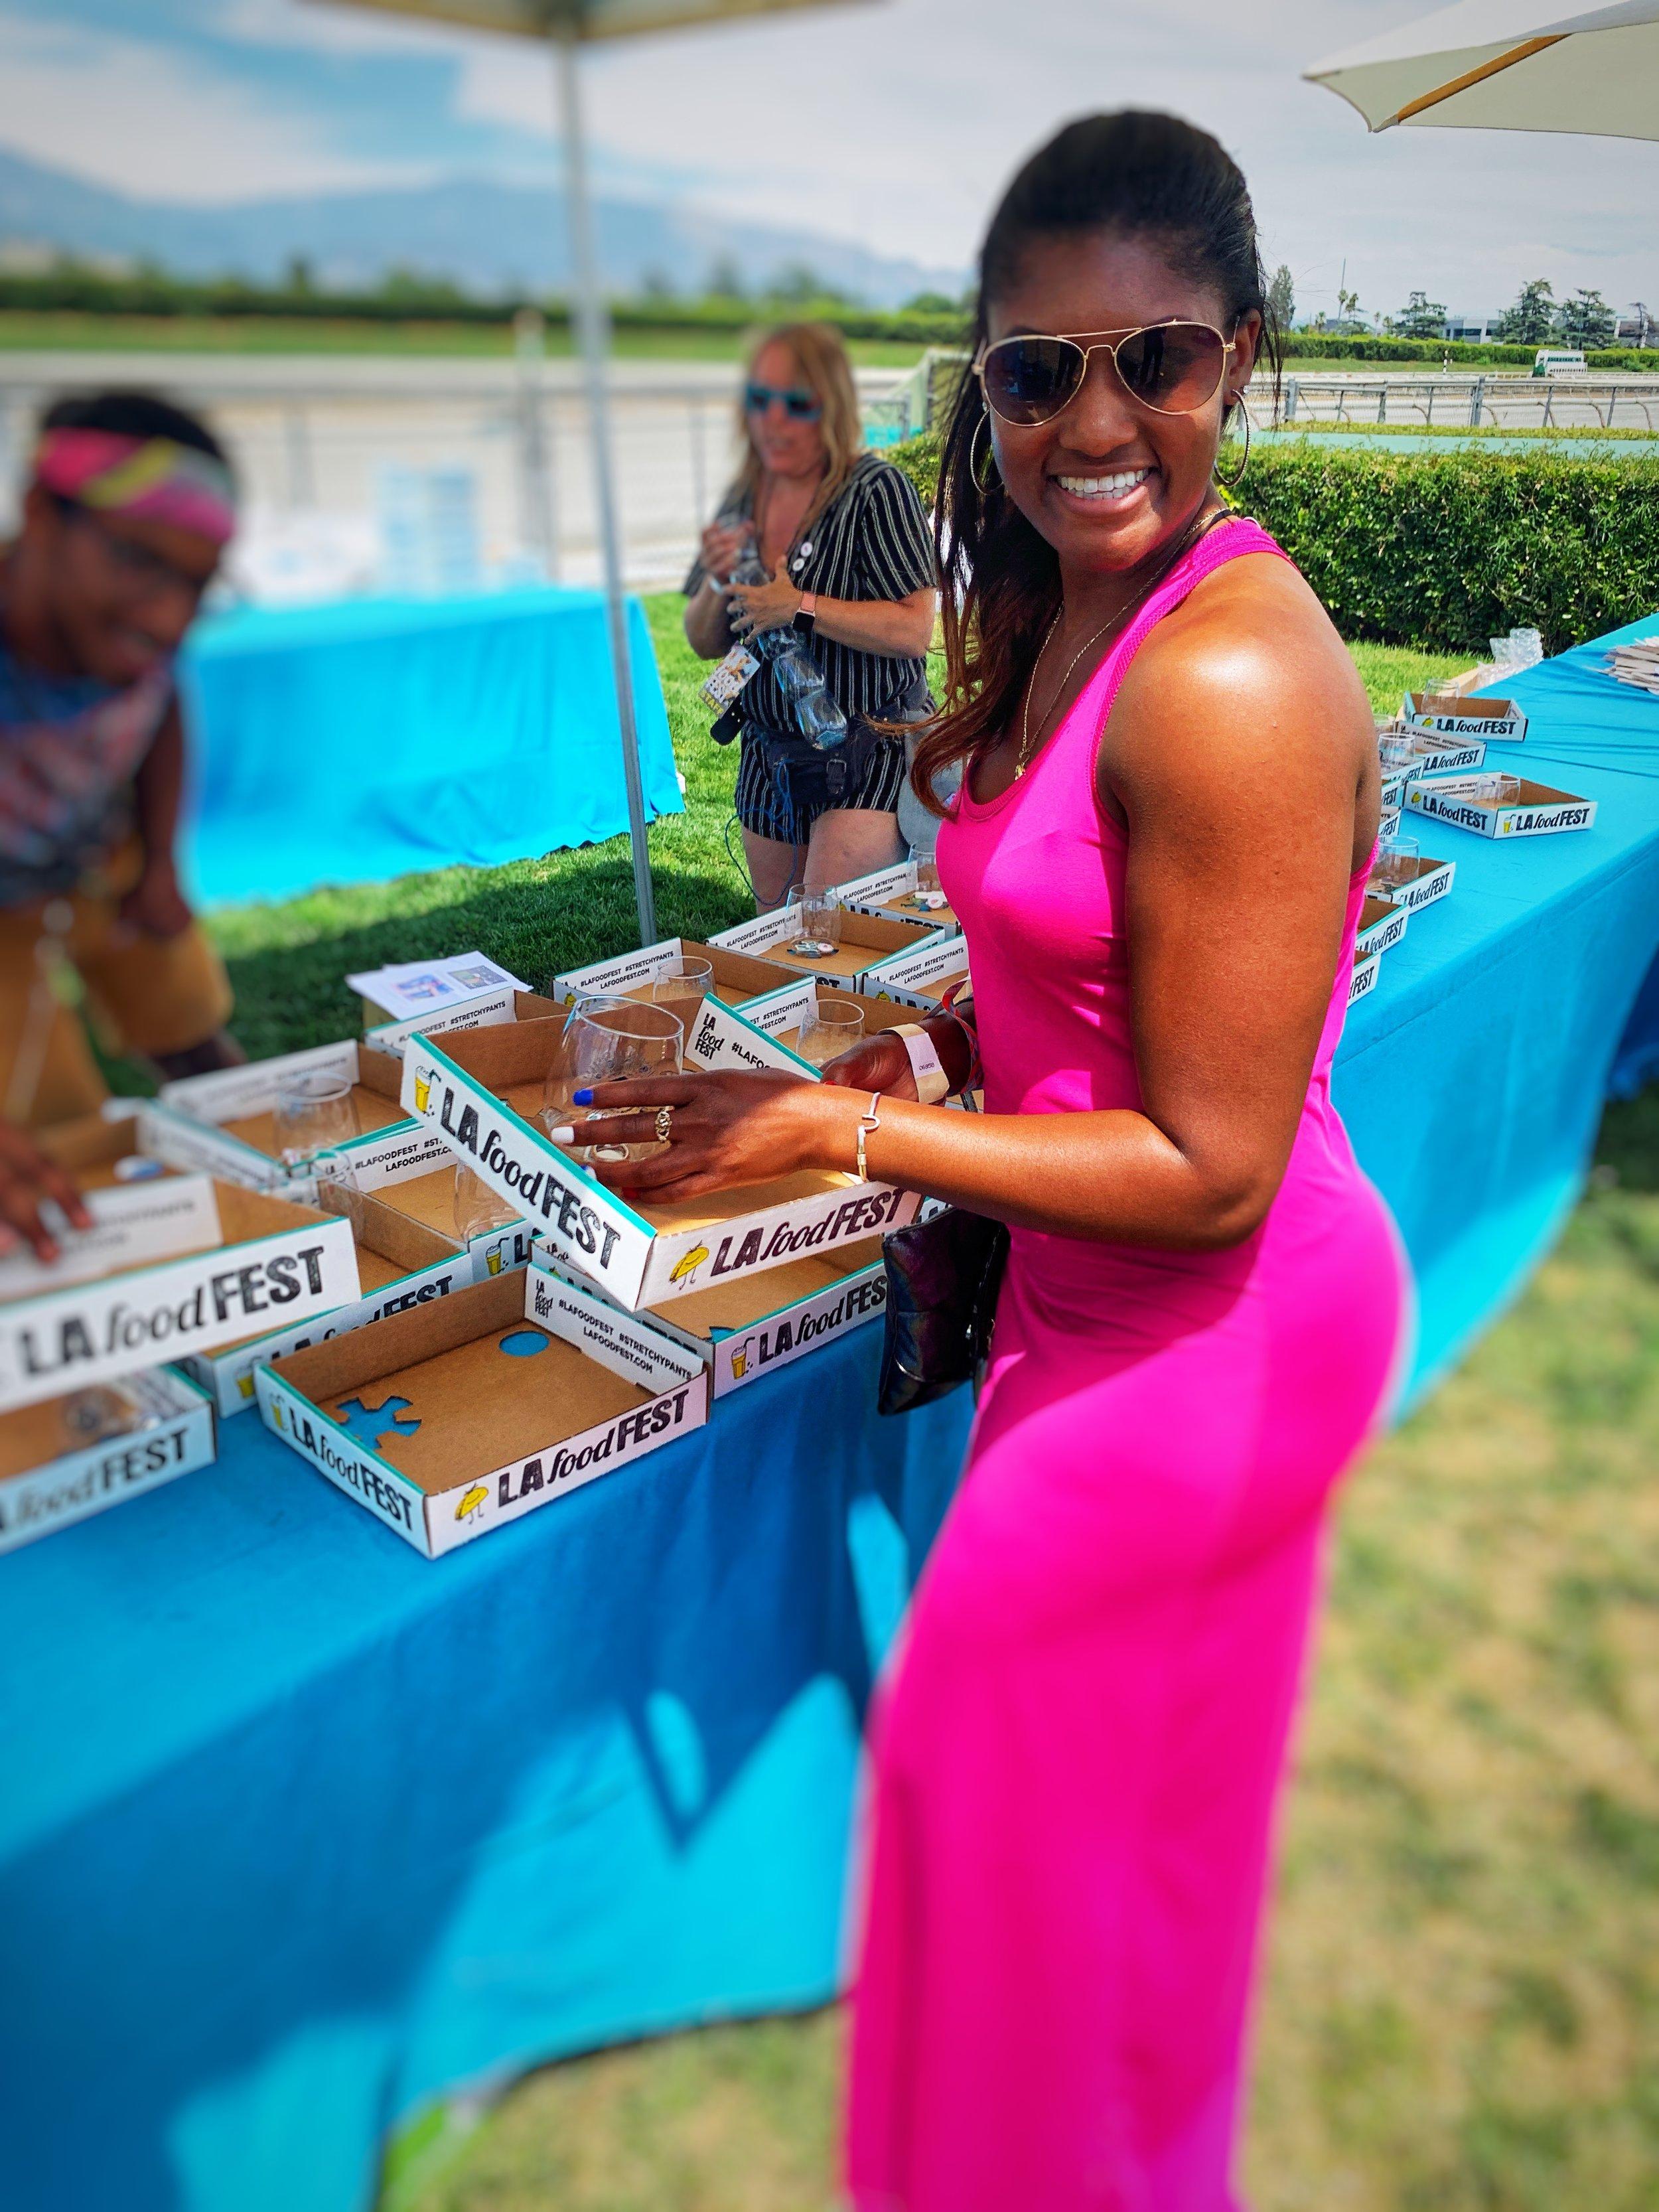 LA Food Fest Trays